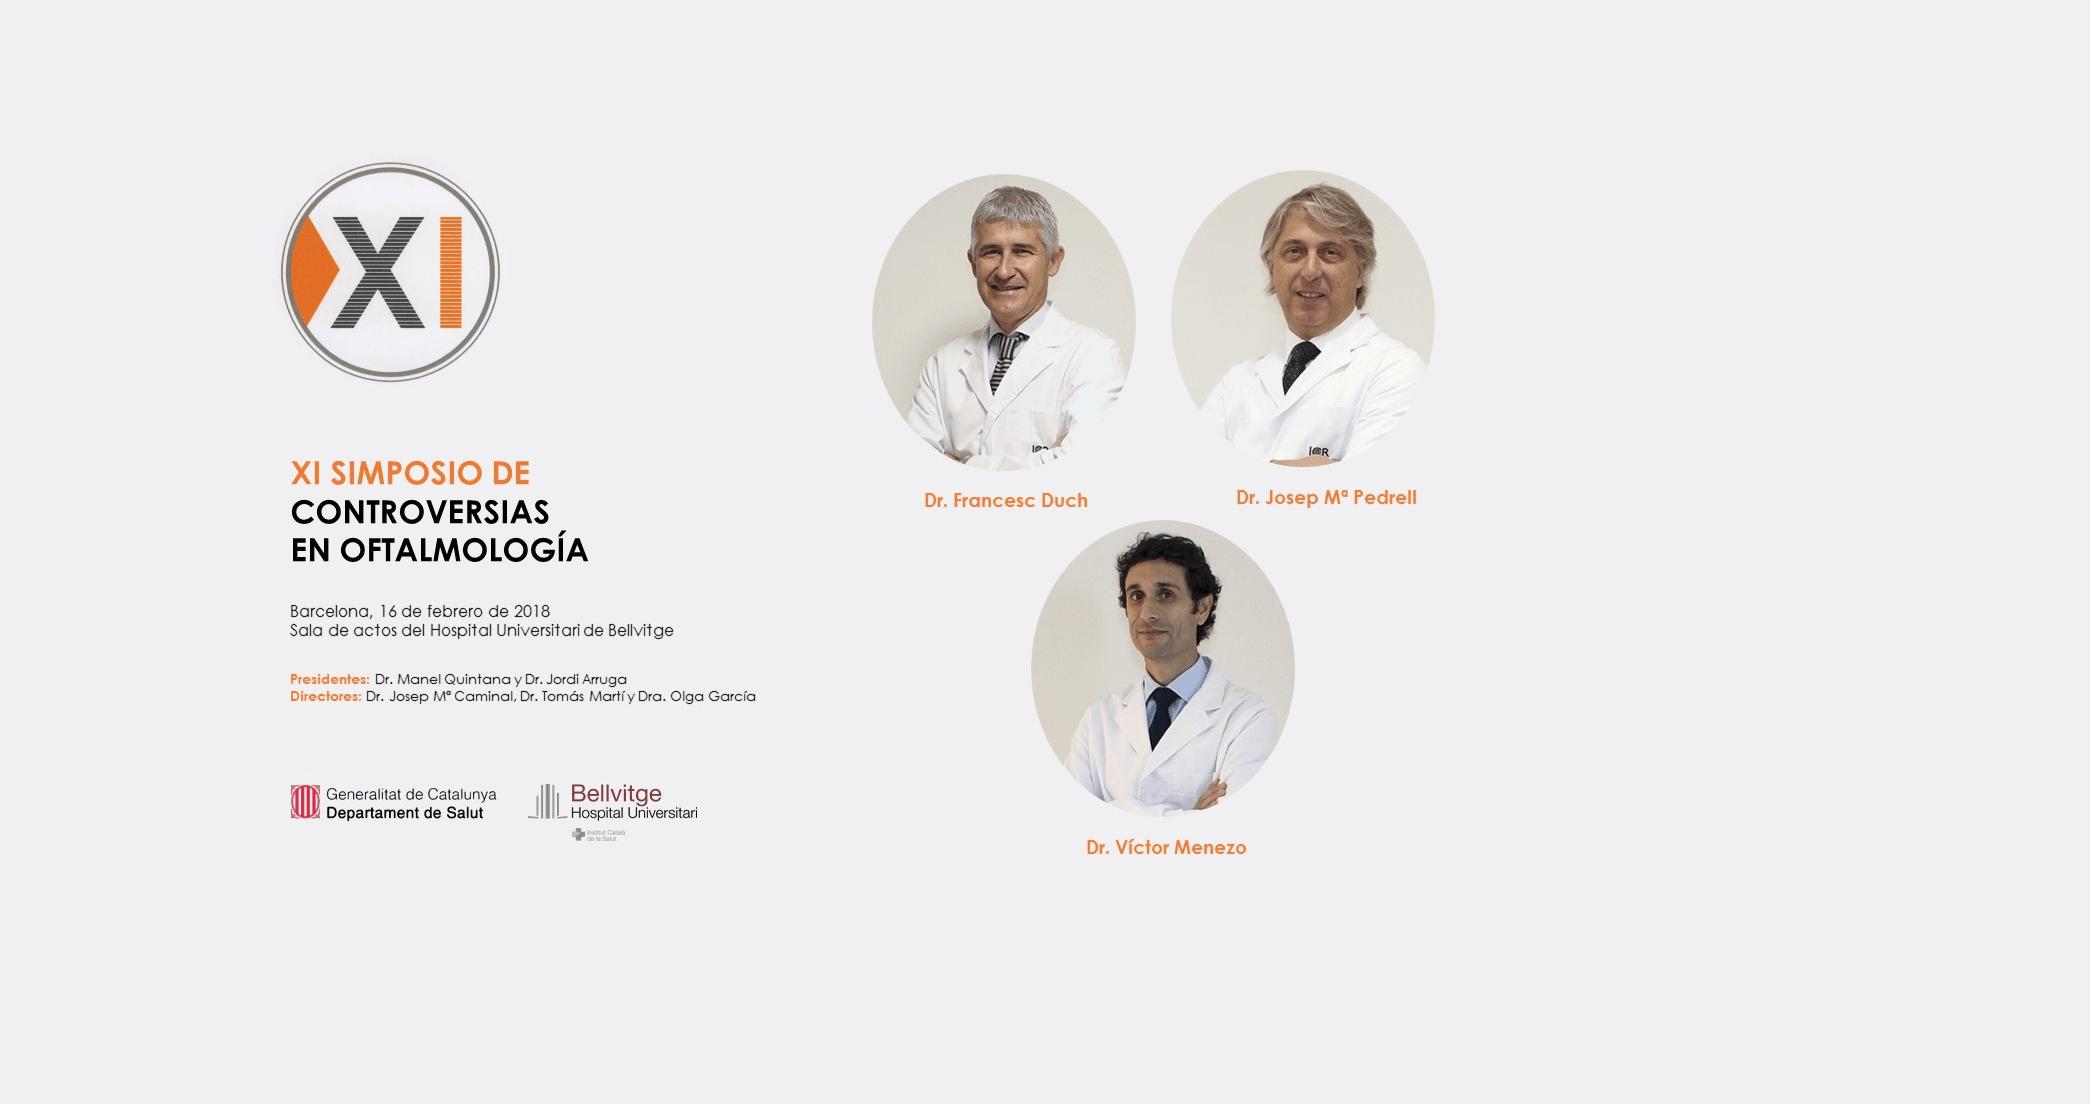 ICR aborda el proceso y selección previos a la cirugía refractiva en el XI Simposio de Controversias en Oftalmología